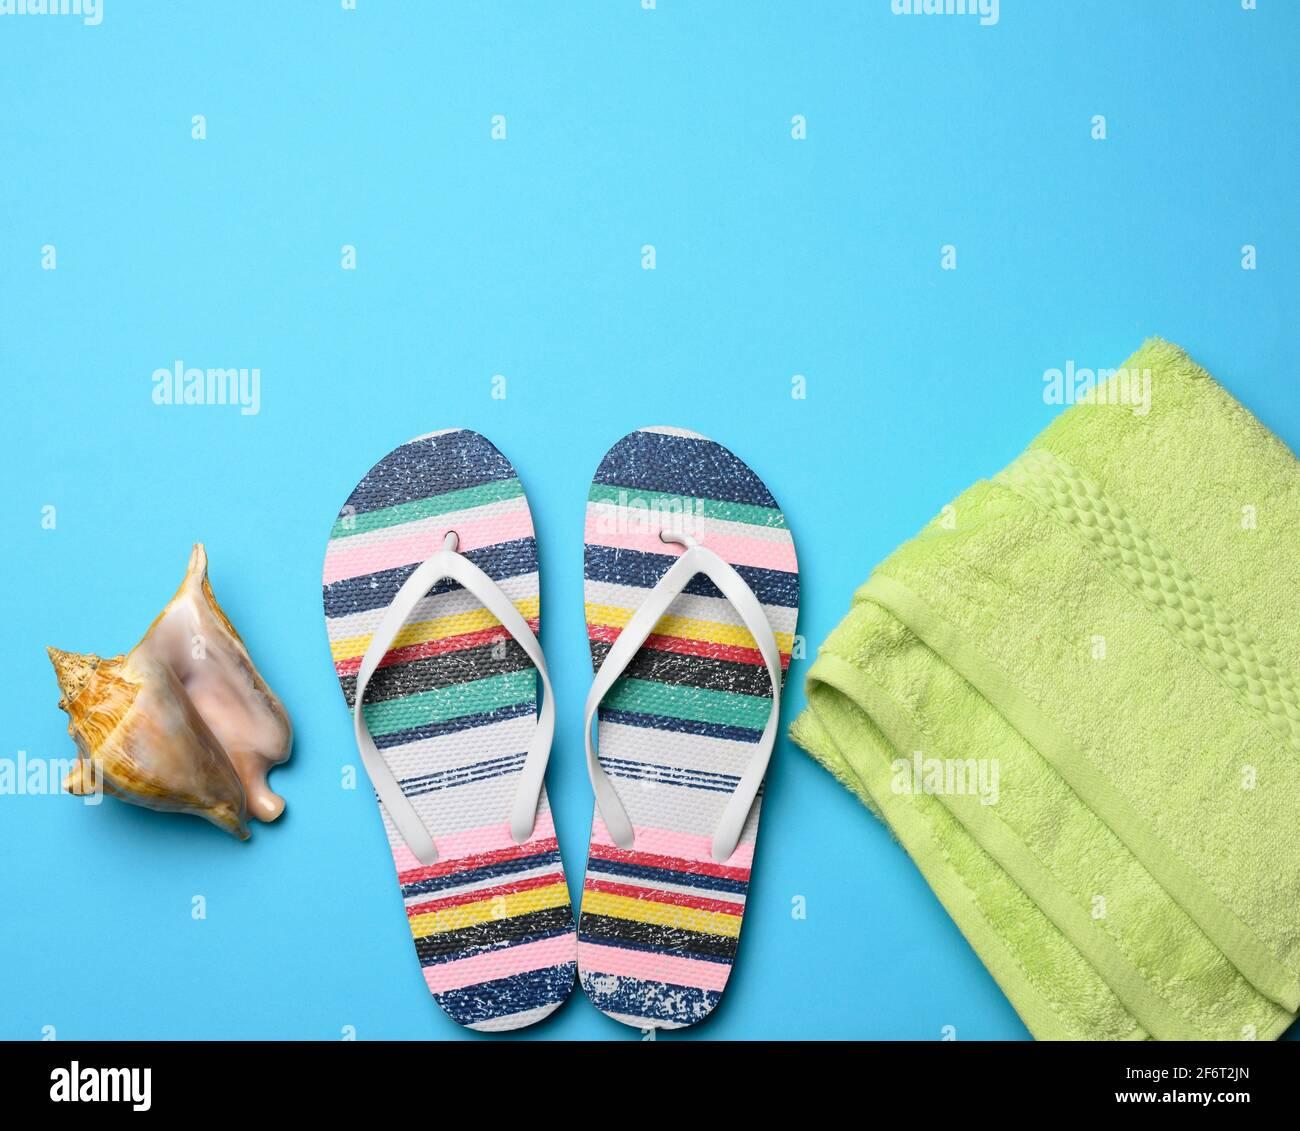 zapatillas de goma a rayas para mujer sobre fondo azul, vista superior, lugar para una inscripción. Foto de stock